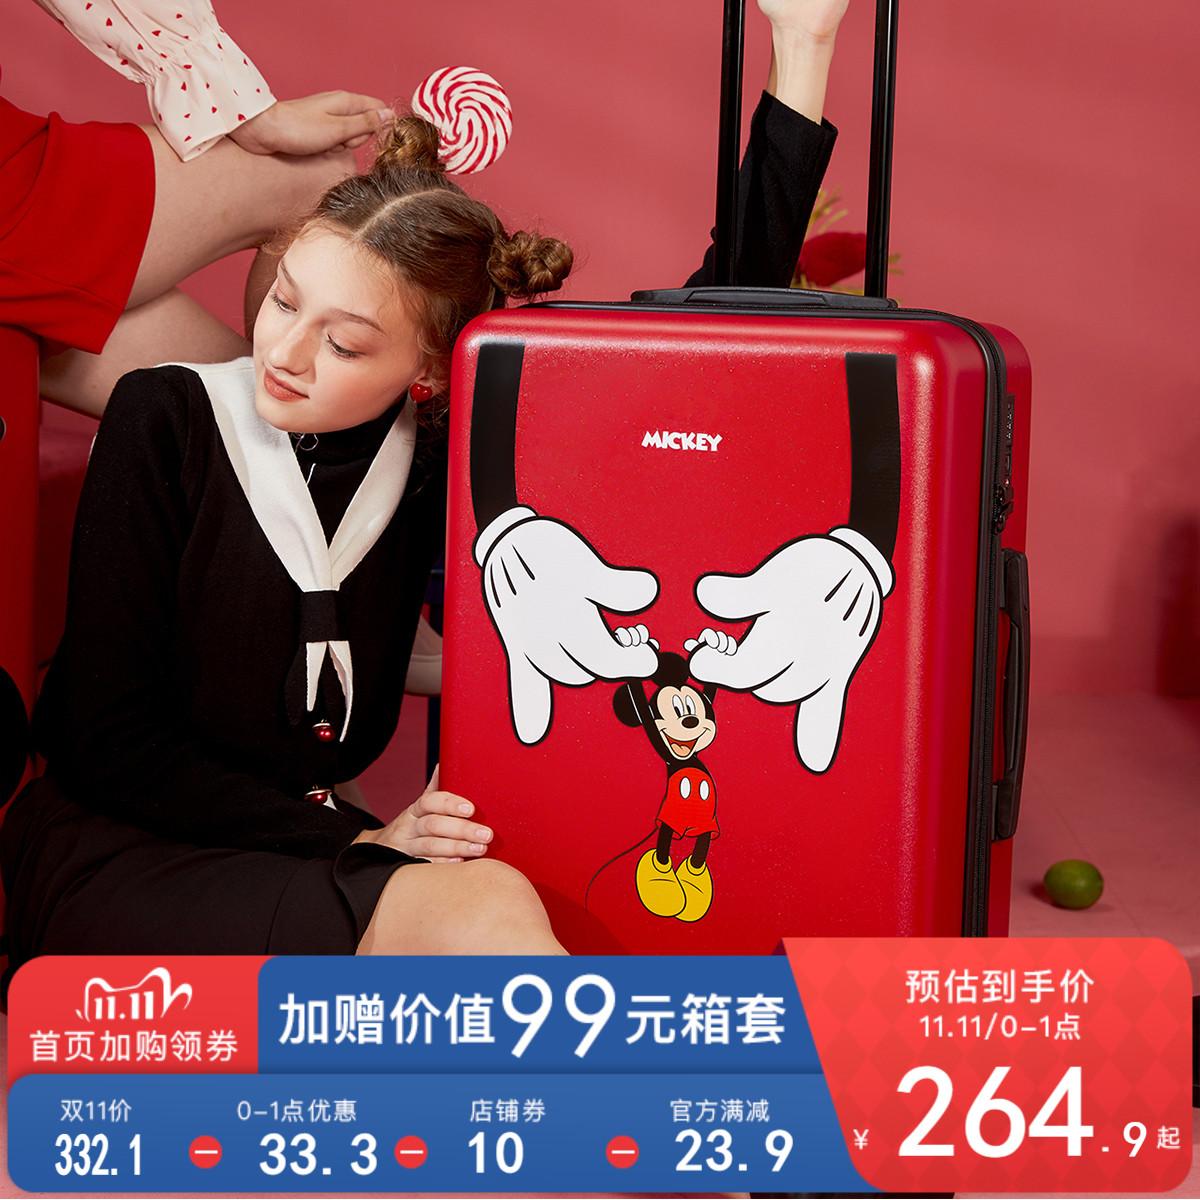 を⅞ กระเป๋าเดินทางล้อลากใบเล็ก กระเป๋าเดินทางล้อลาก[Weiyaแนะนำ] Weimei Disney 20นิ้วกระเป๋าเดินทางผู้หญิงกรณีรถเข็น24นิ้ว